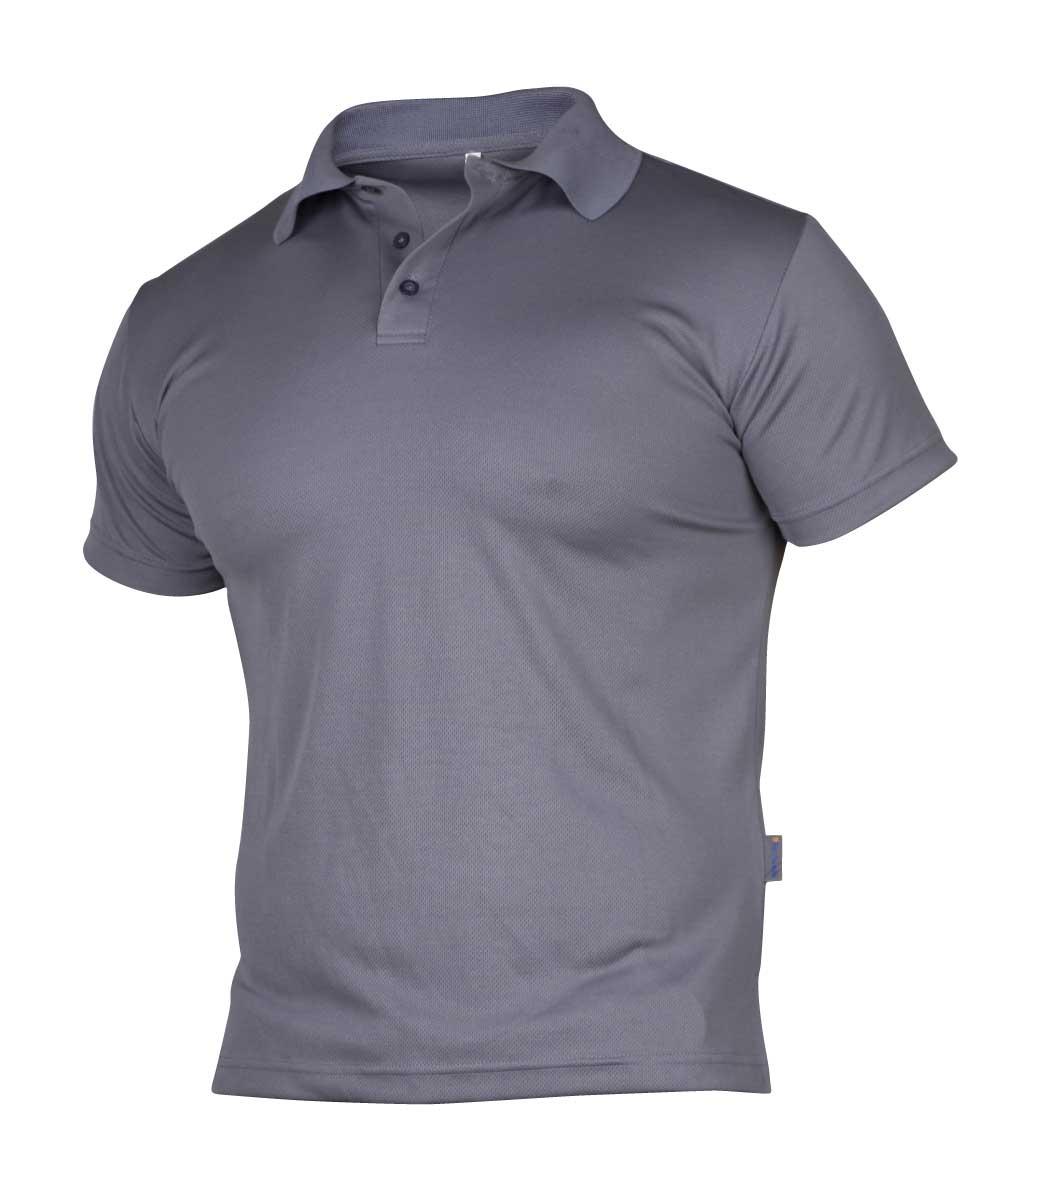 Grå pique t skjorte ~ Ezzenza.no Arbeidsklær